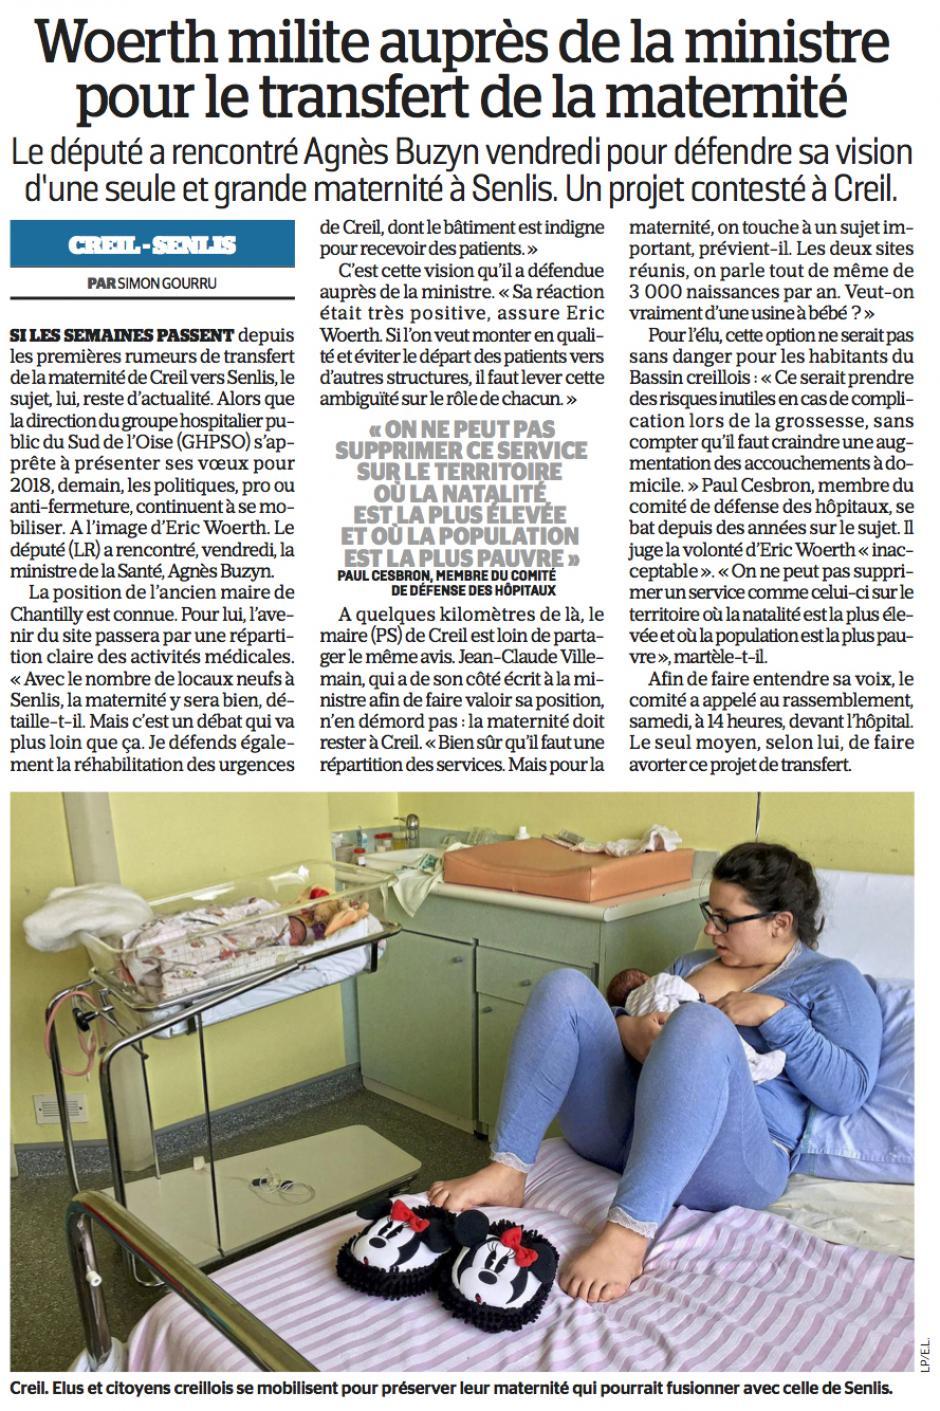 20180122-LeP-Creil-Wœrth milite auprès de la ministre pour le transfert de la maternité